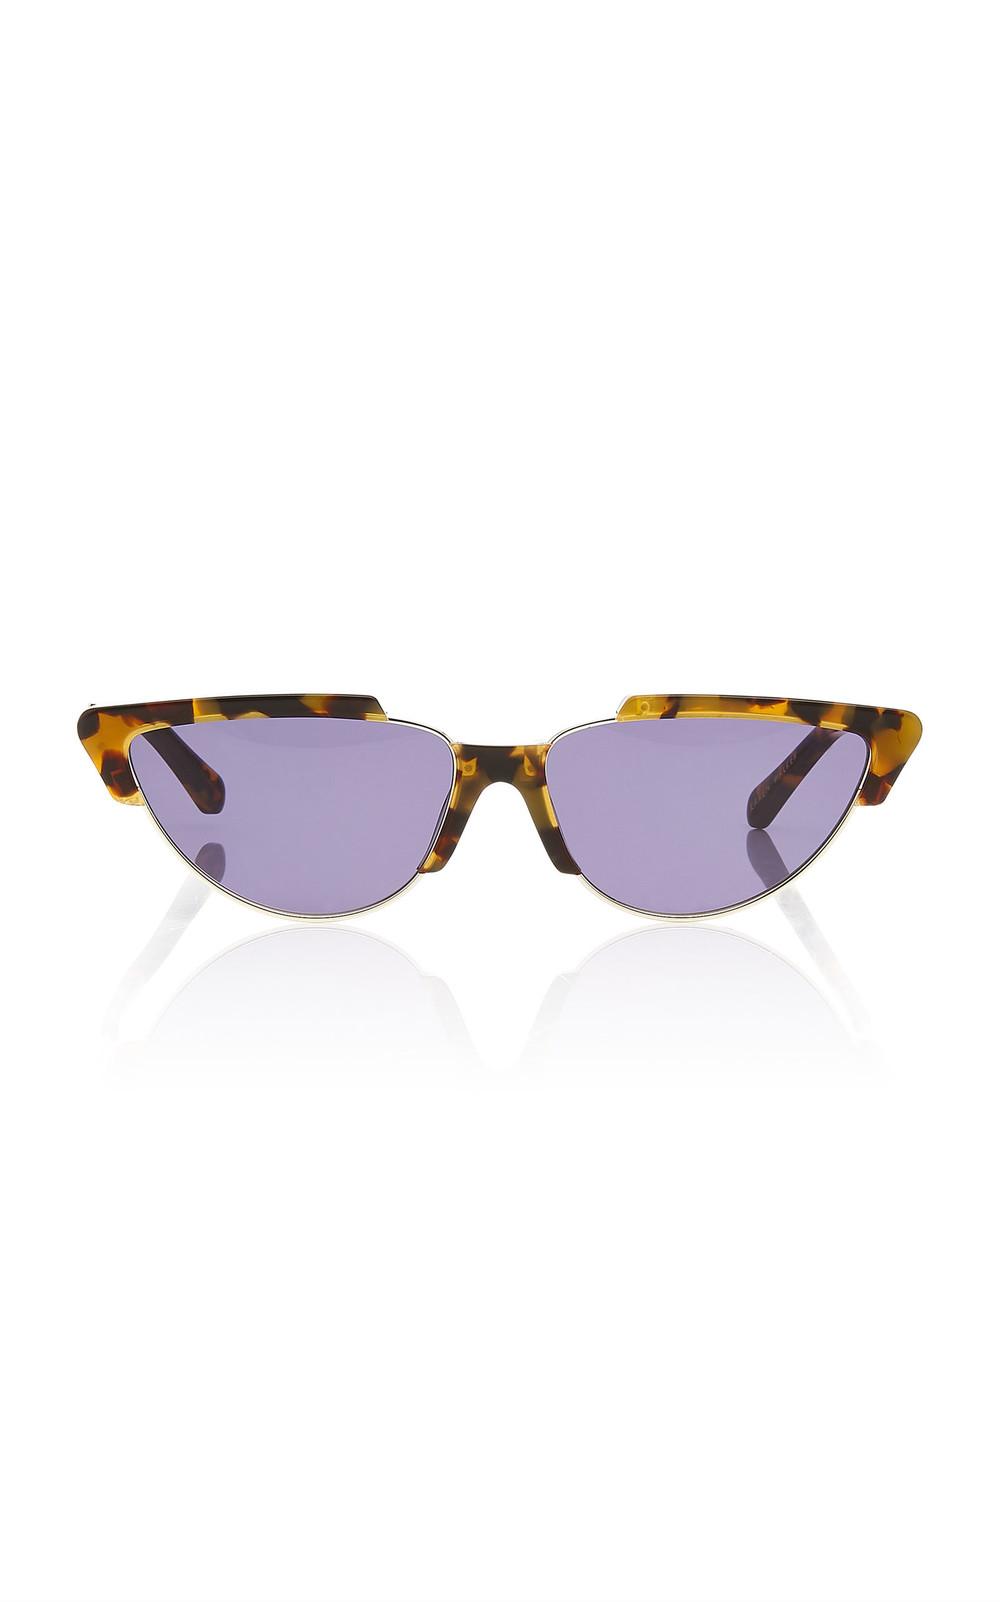 Karen Walker Tropics Cat Eye Acetate Sunglasses in brown